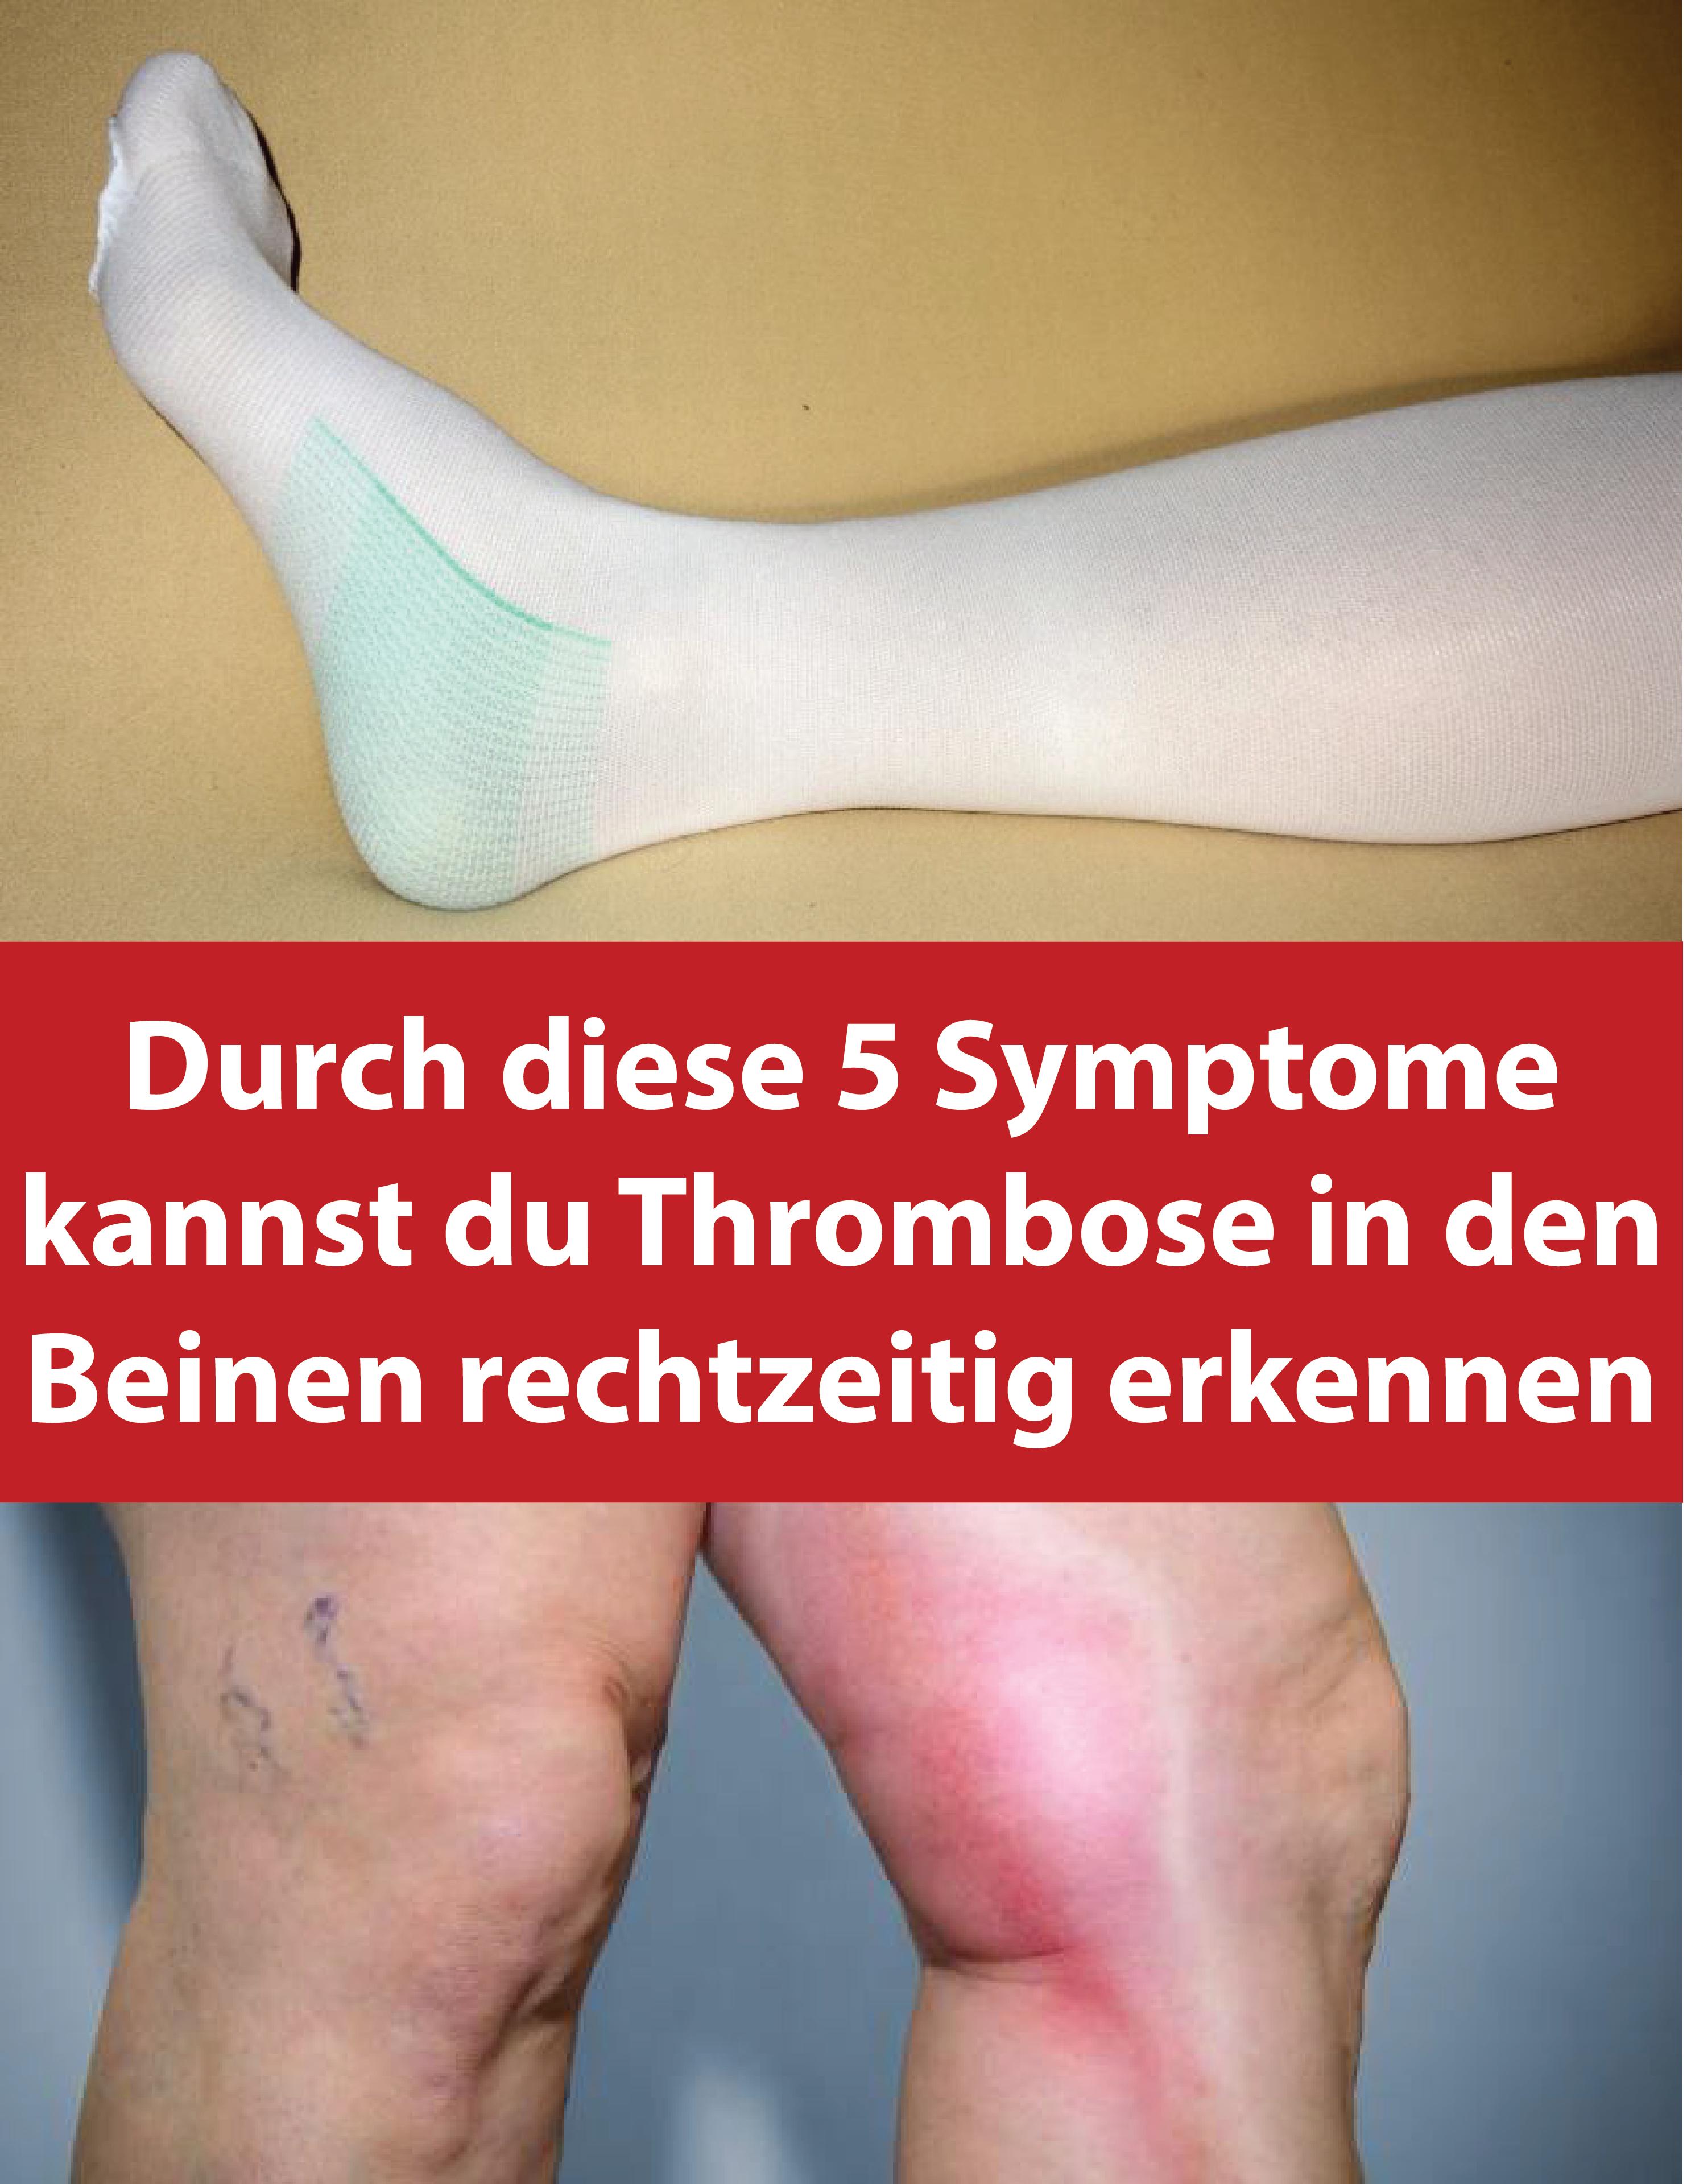 5 symptome kannst du thrombose